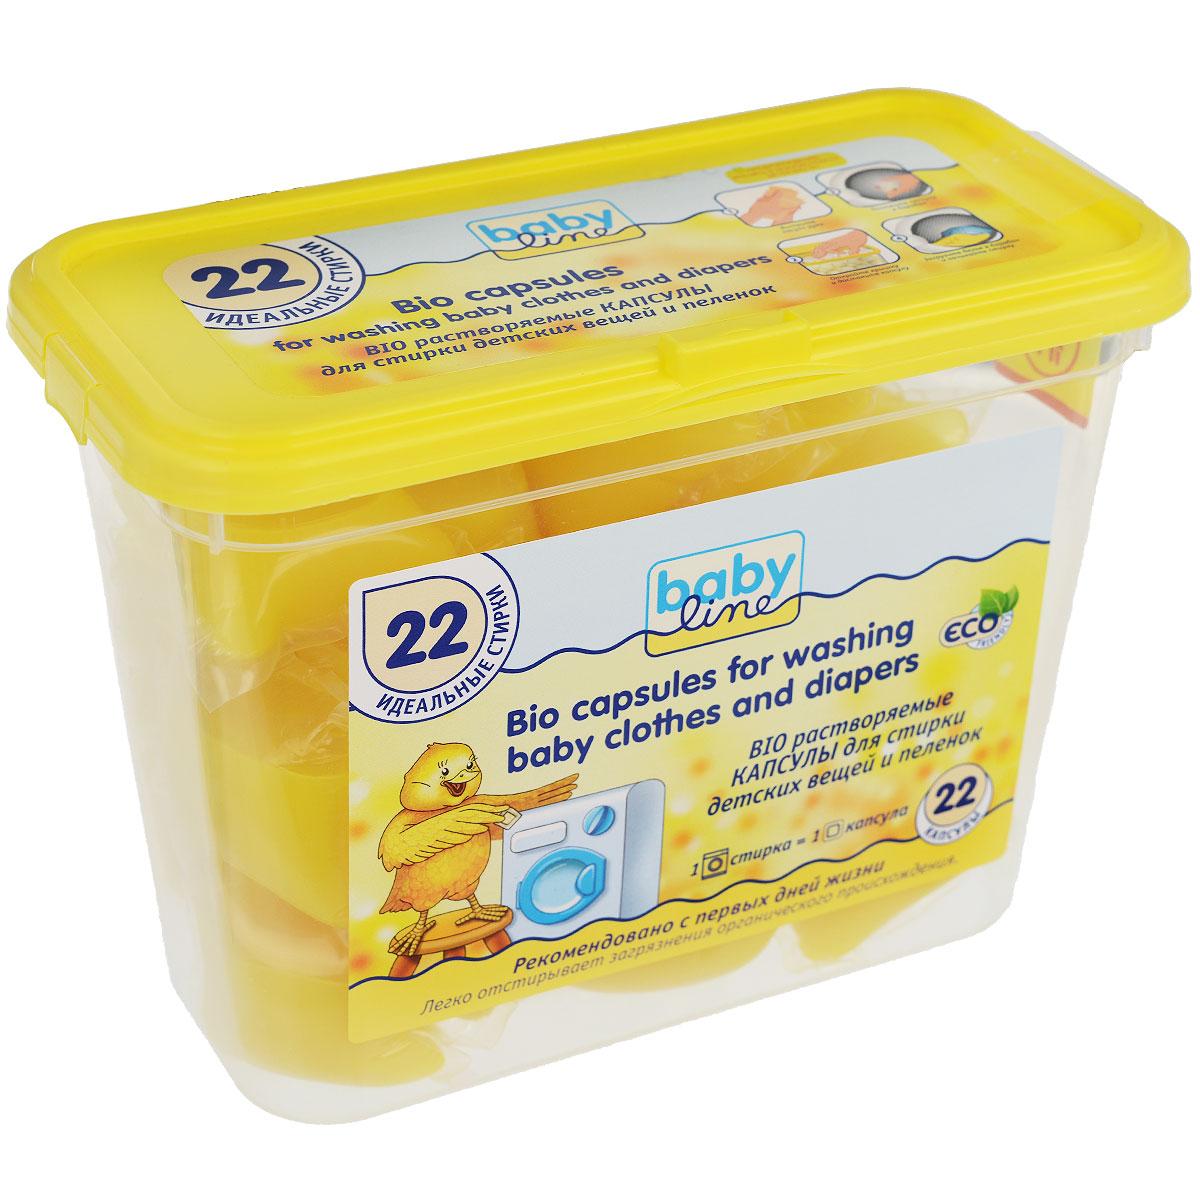 BabyLine BIO растворяемые капсулы для стирки детских вещей и пеленок, 22 шт мягкий гель для стирки детских вещей и пеленок babyline 1 5 л